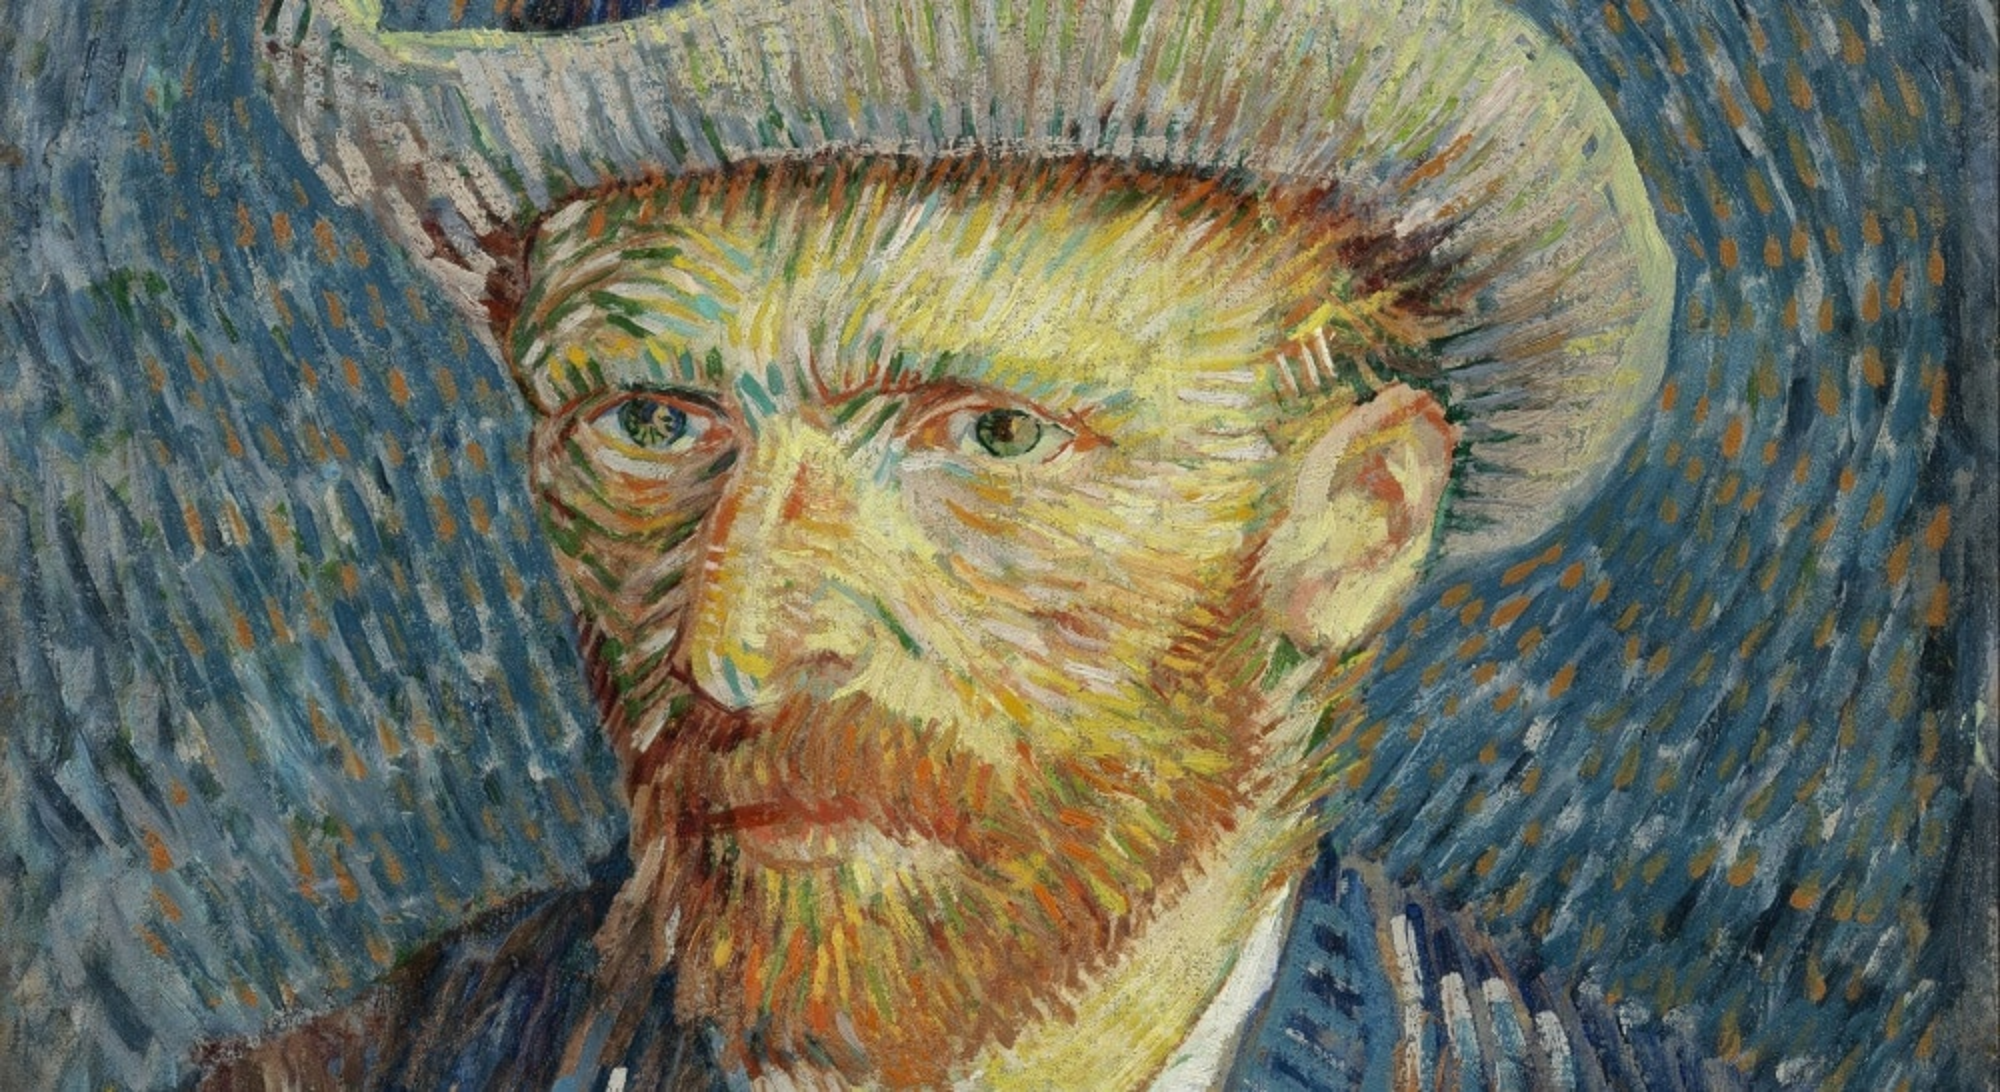 Visiter le musée Van Gogh à Amsterdam